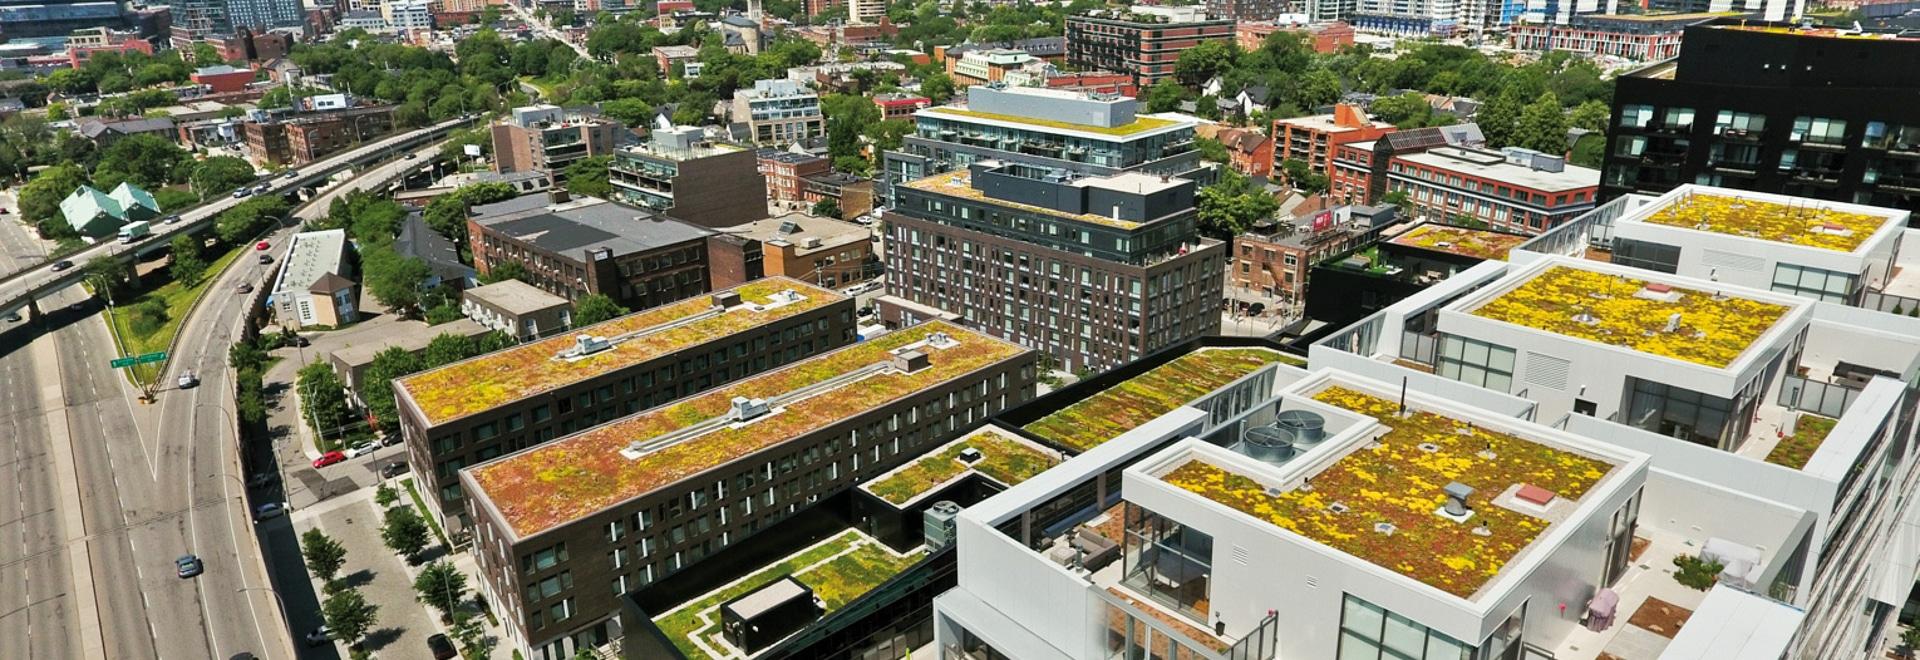 A BAU 2019, ZinCo dimostrerà come costruire i tetti verdi innovatori. Il nostro esempio mostra i condomini della città del fiume, Toronto, Canada.